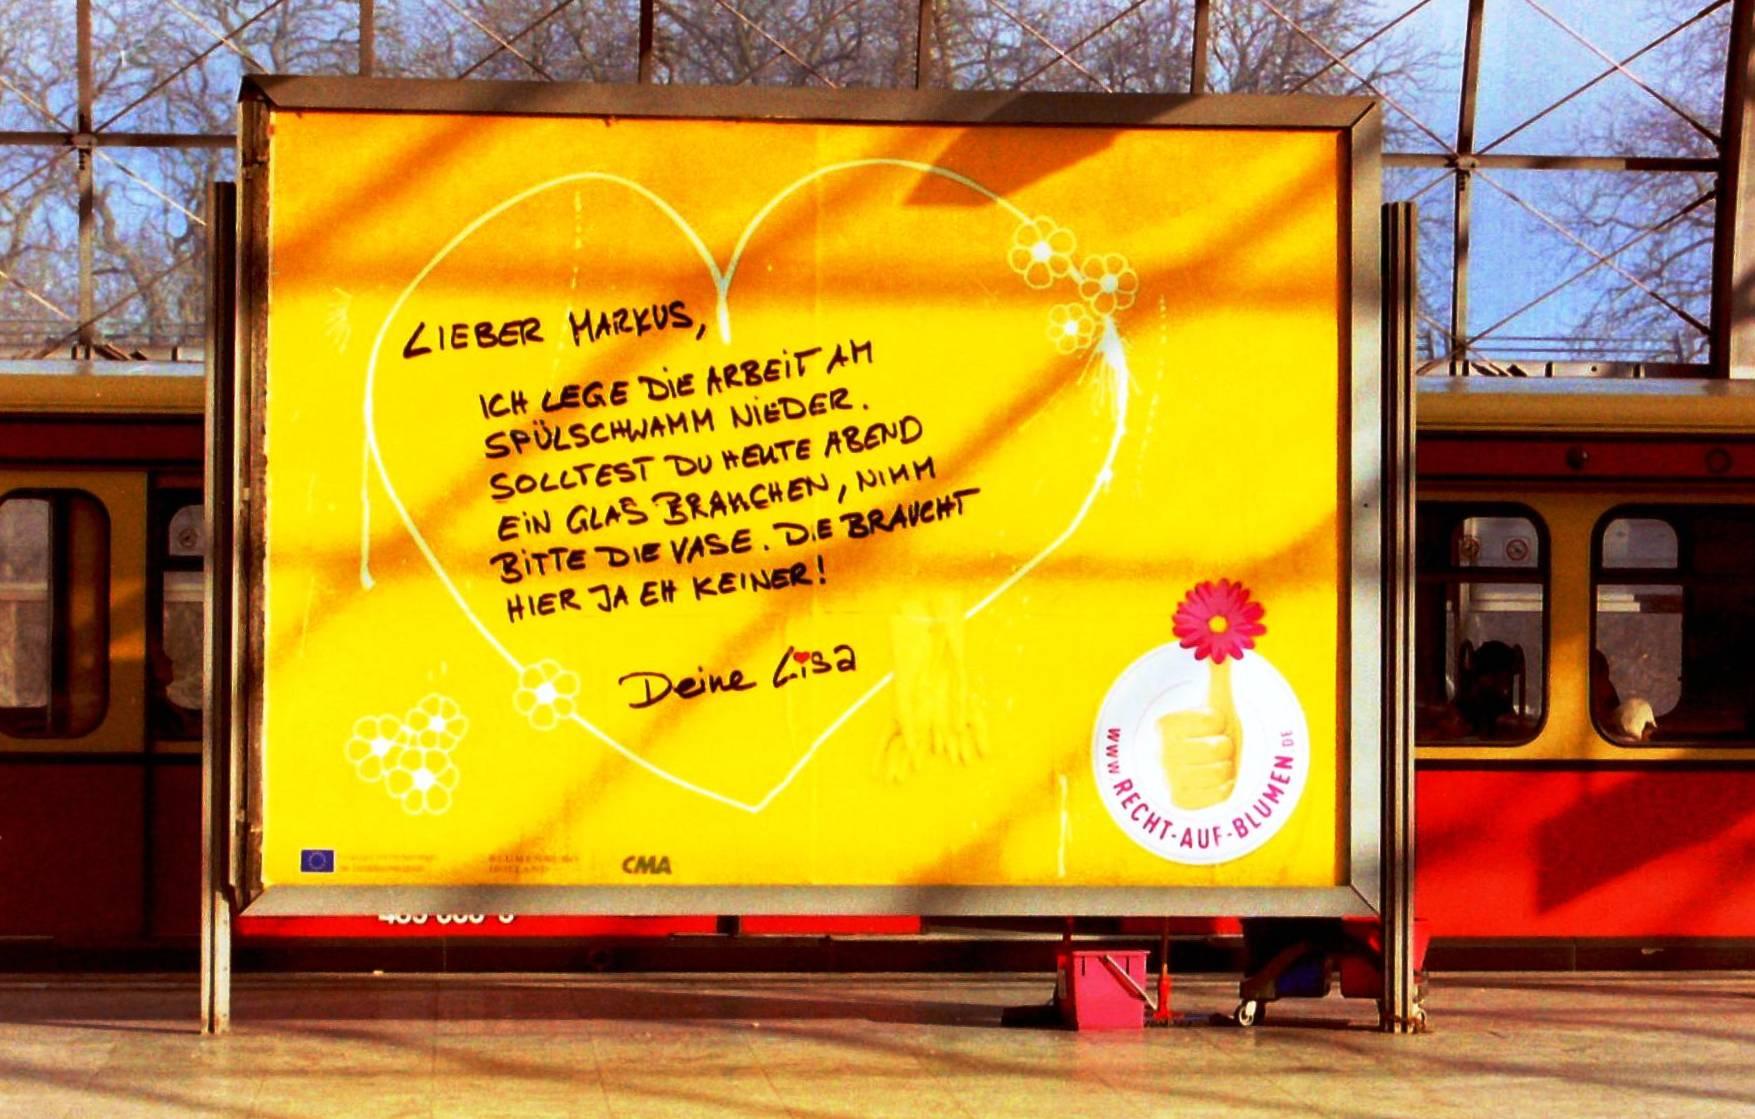 """Vortrag """"Witzige Werbung"""" am 28. Januar, 19.00 Uhr, Trotzburg Moers"""